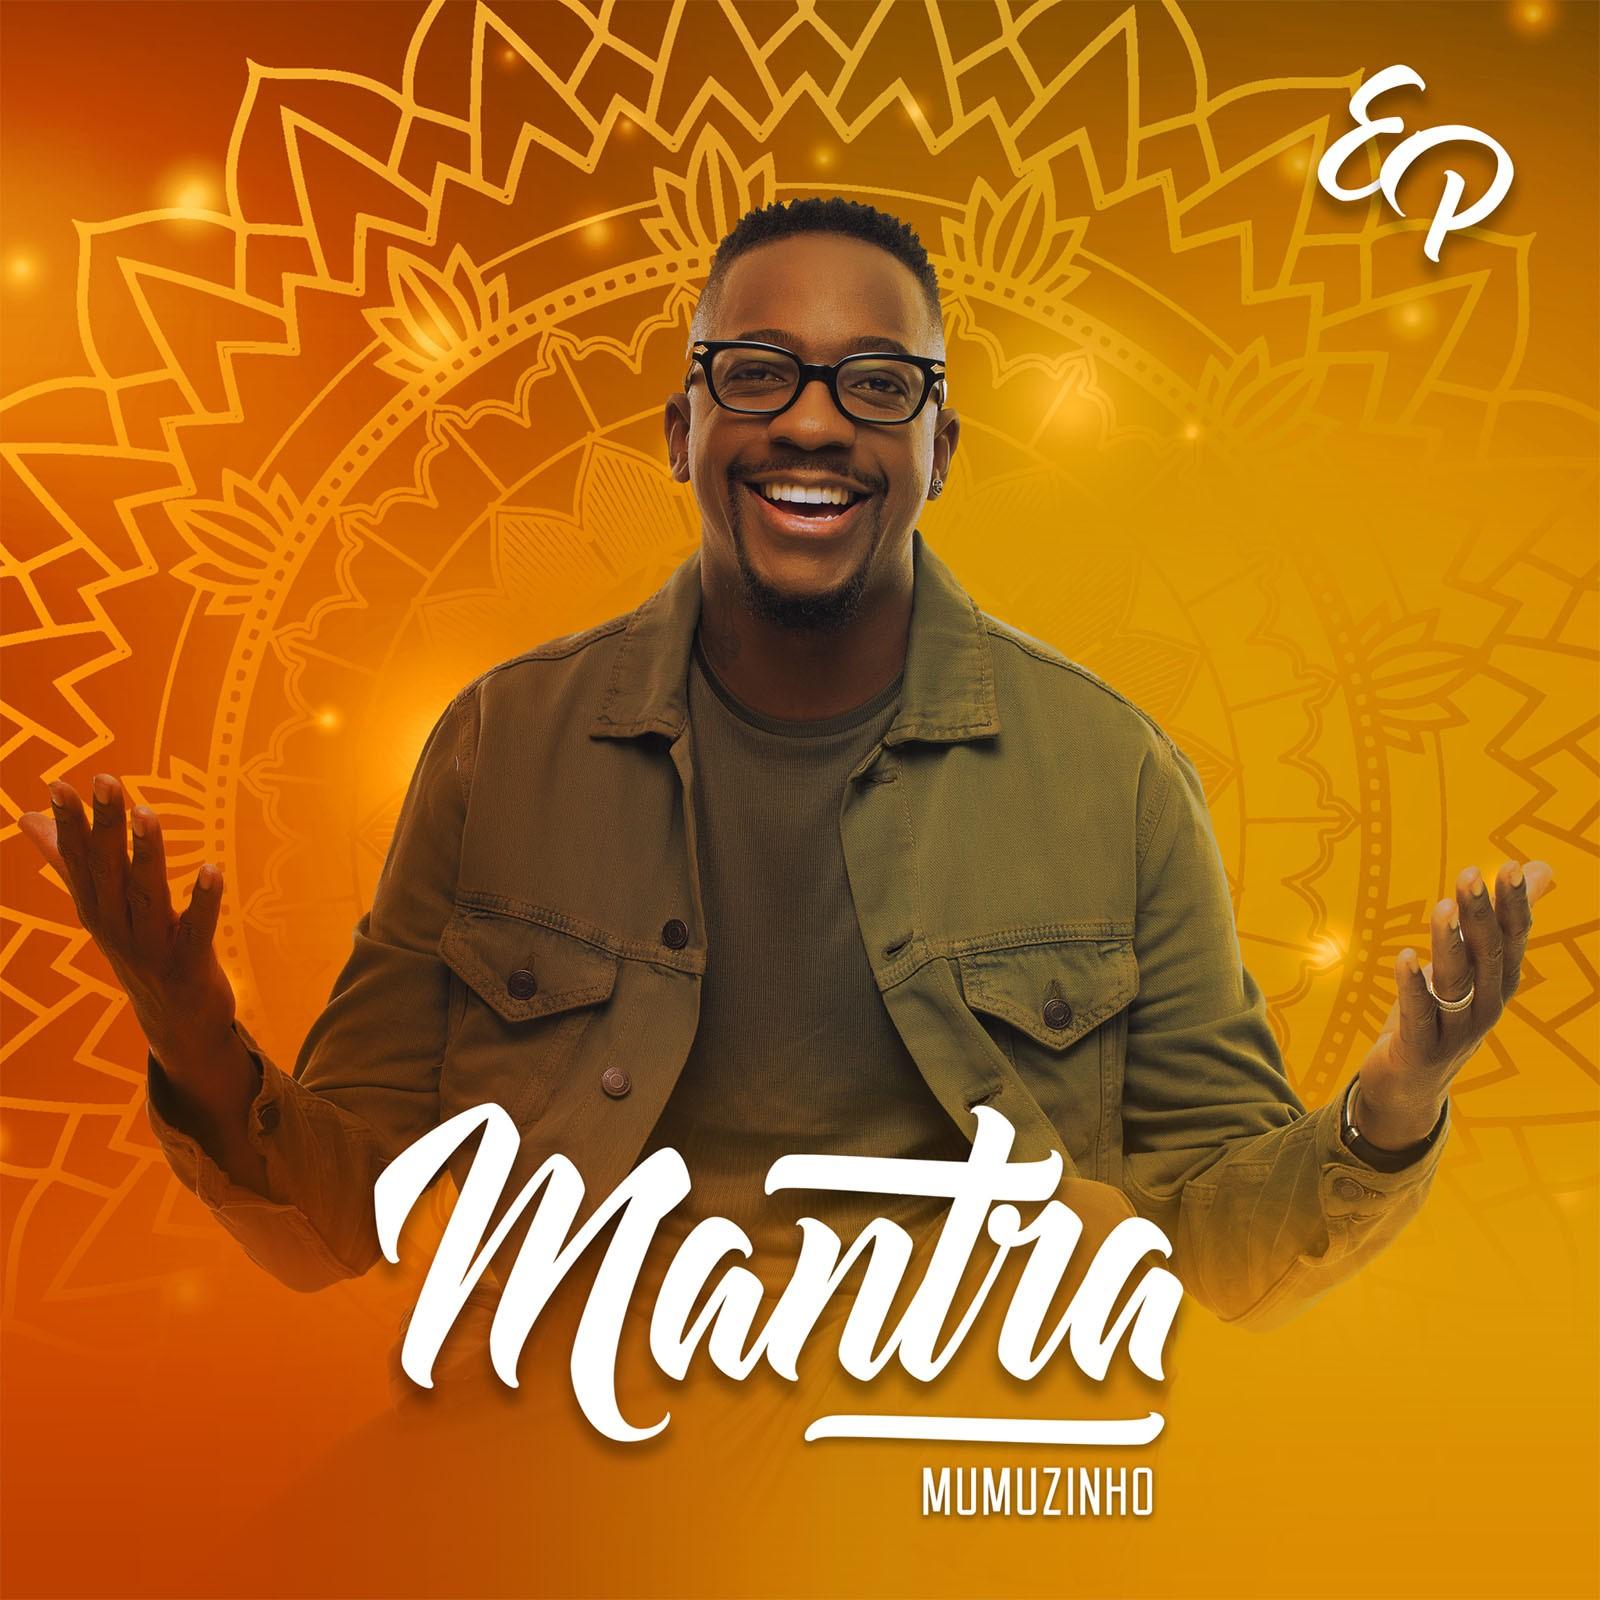 Mumuzinho é mais feliz, entre as repetições do EP 'Mantra', quando professa a fé na vida